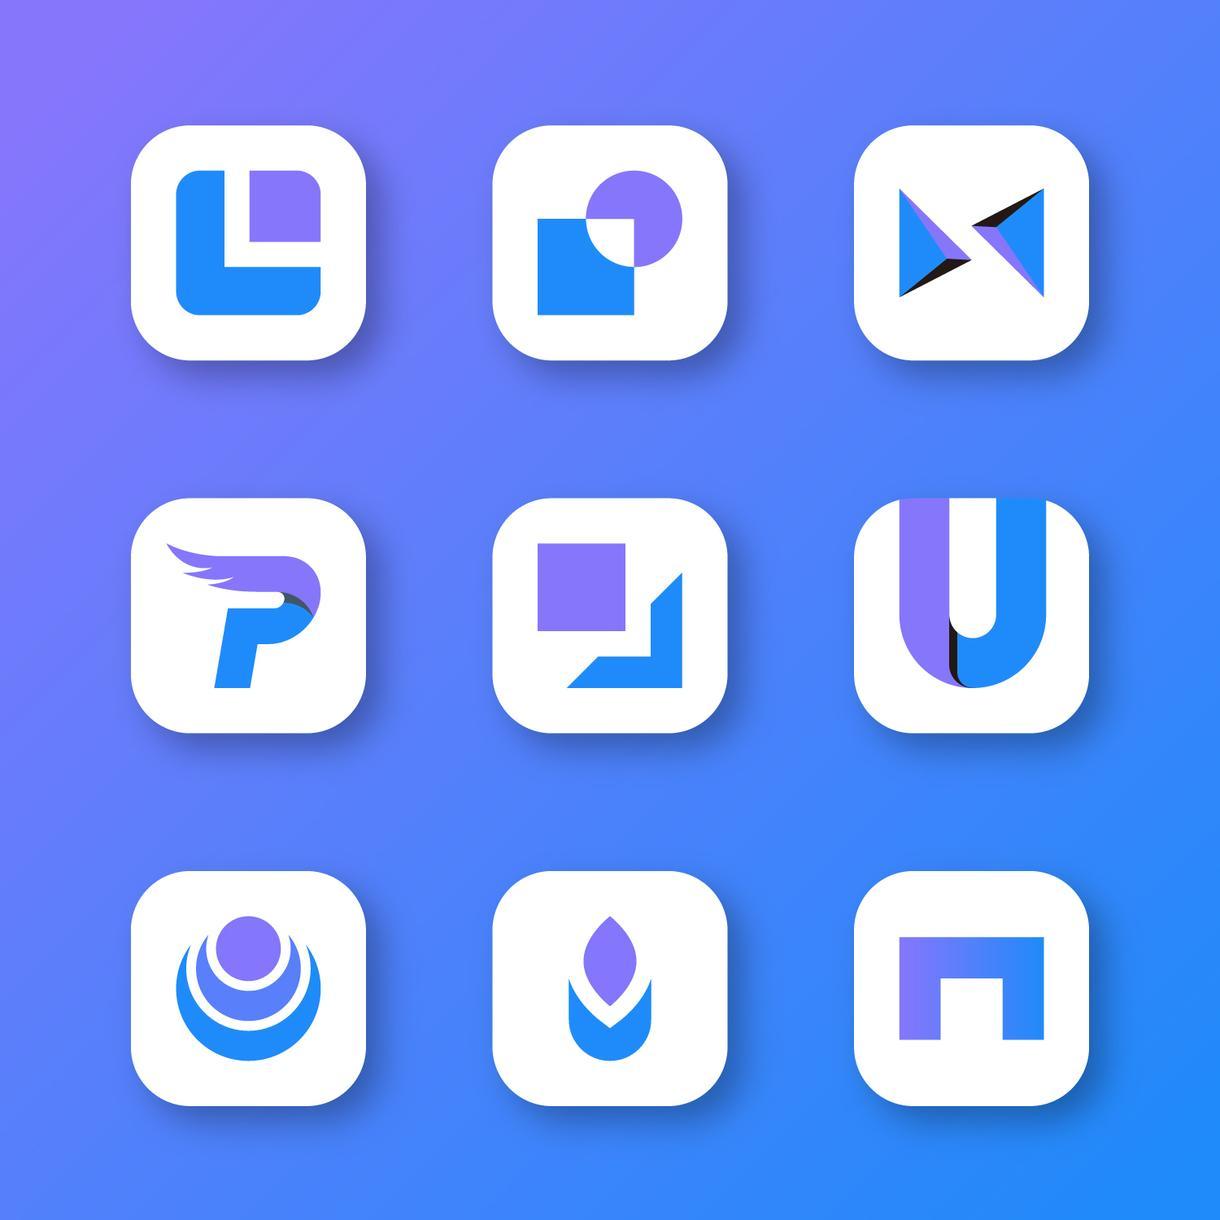 フラットデザインに特化したロゴを制作します サービス開設記念価格!アプリロゴやITベンチャー企業向け! イメージ1